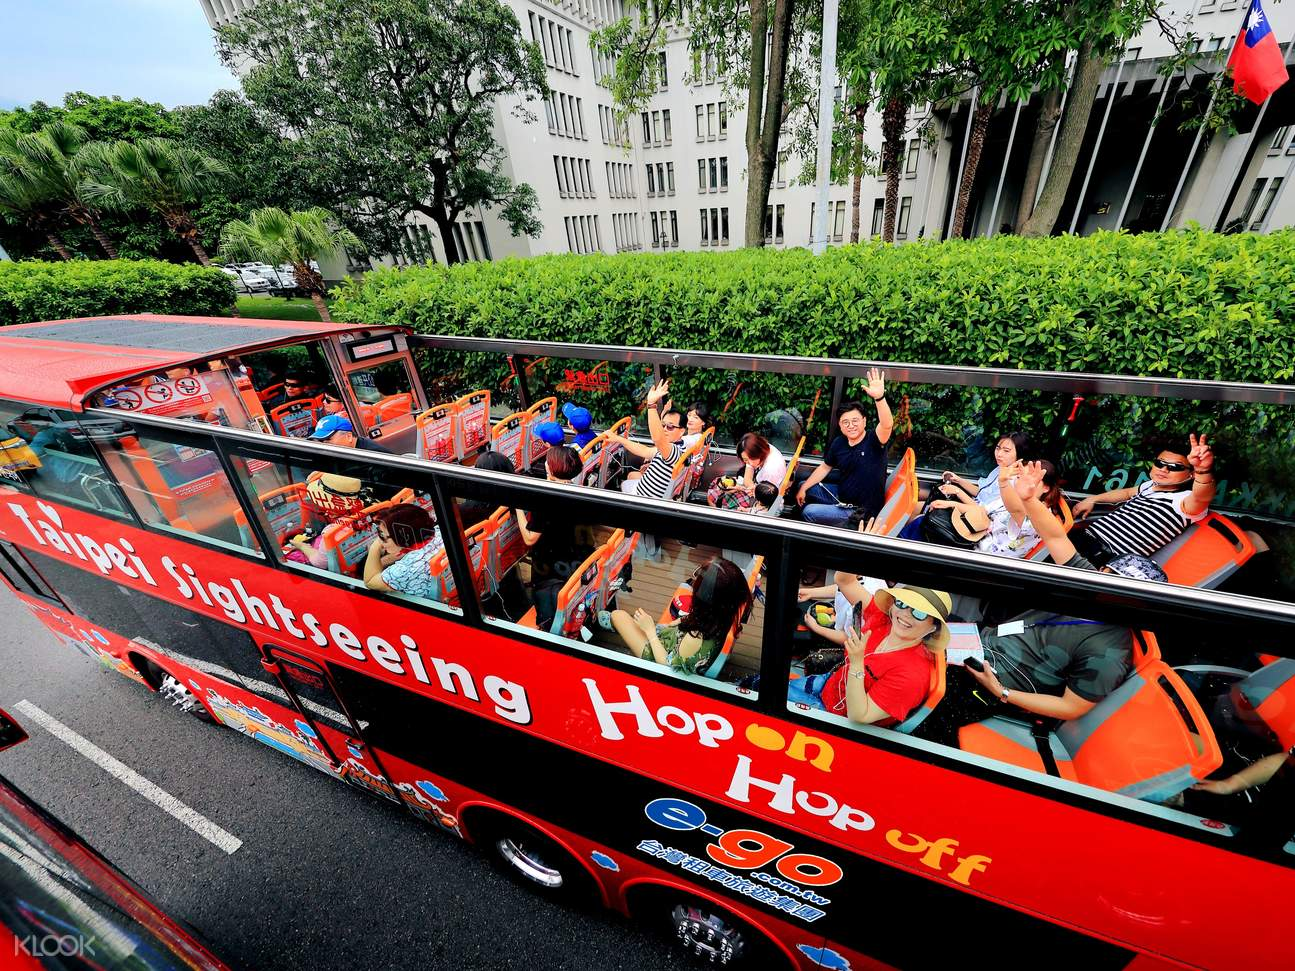 台北隨上隨下巴士